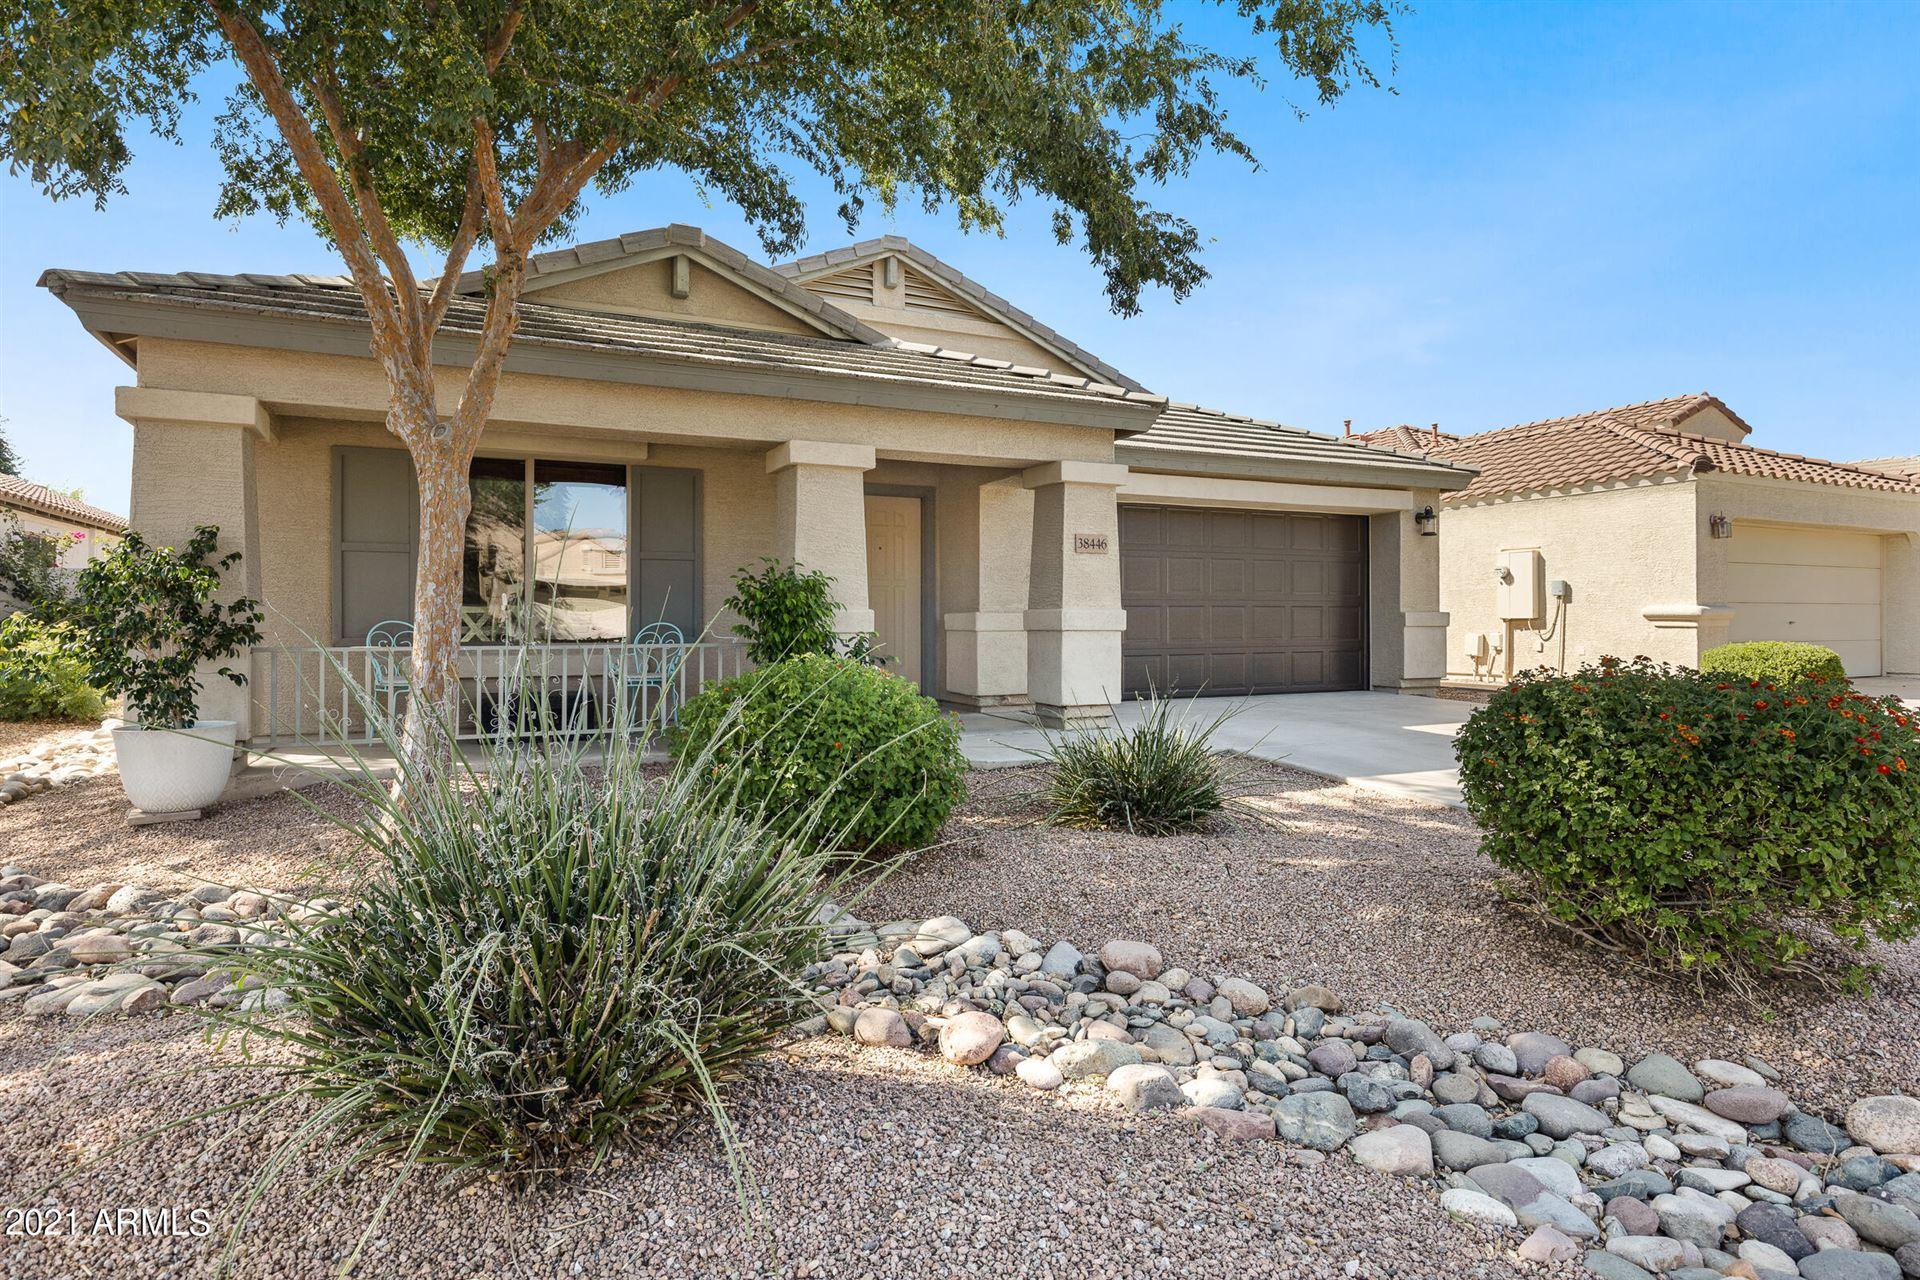 Photo of 38446 N JANET Lane, San Tan Valley, AZ 85140 (MLS # 6303980)